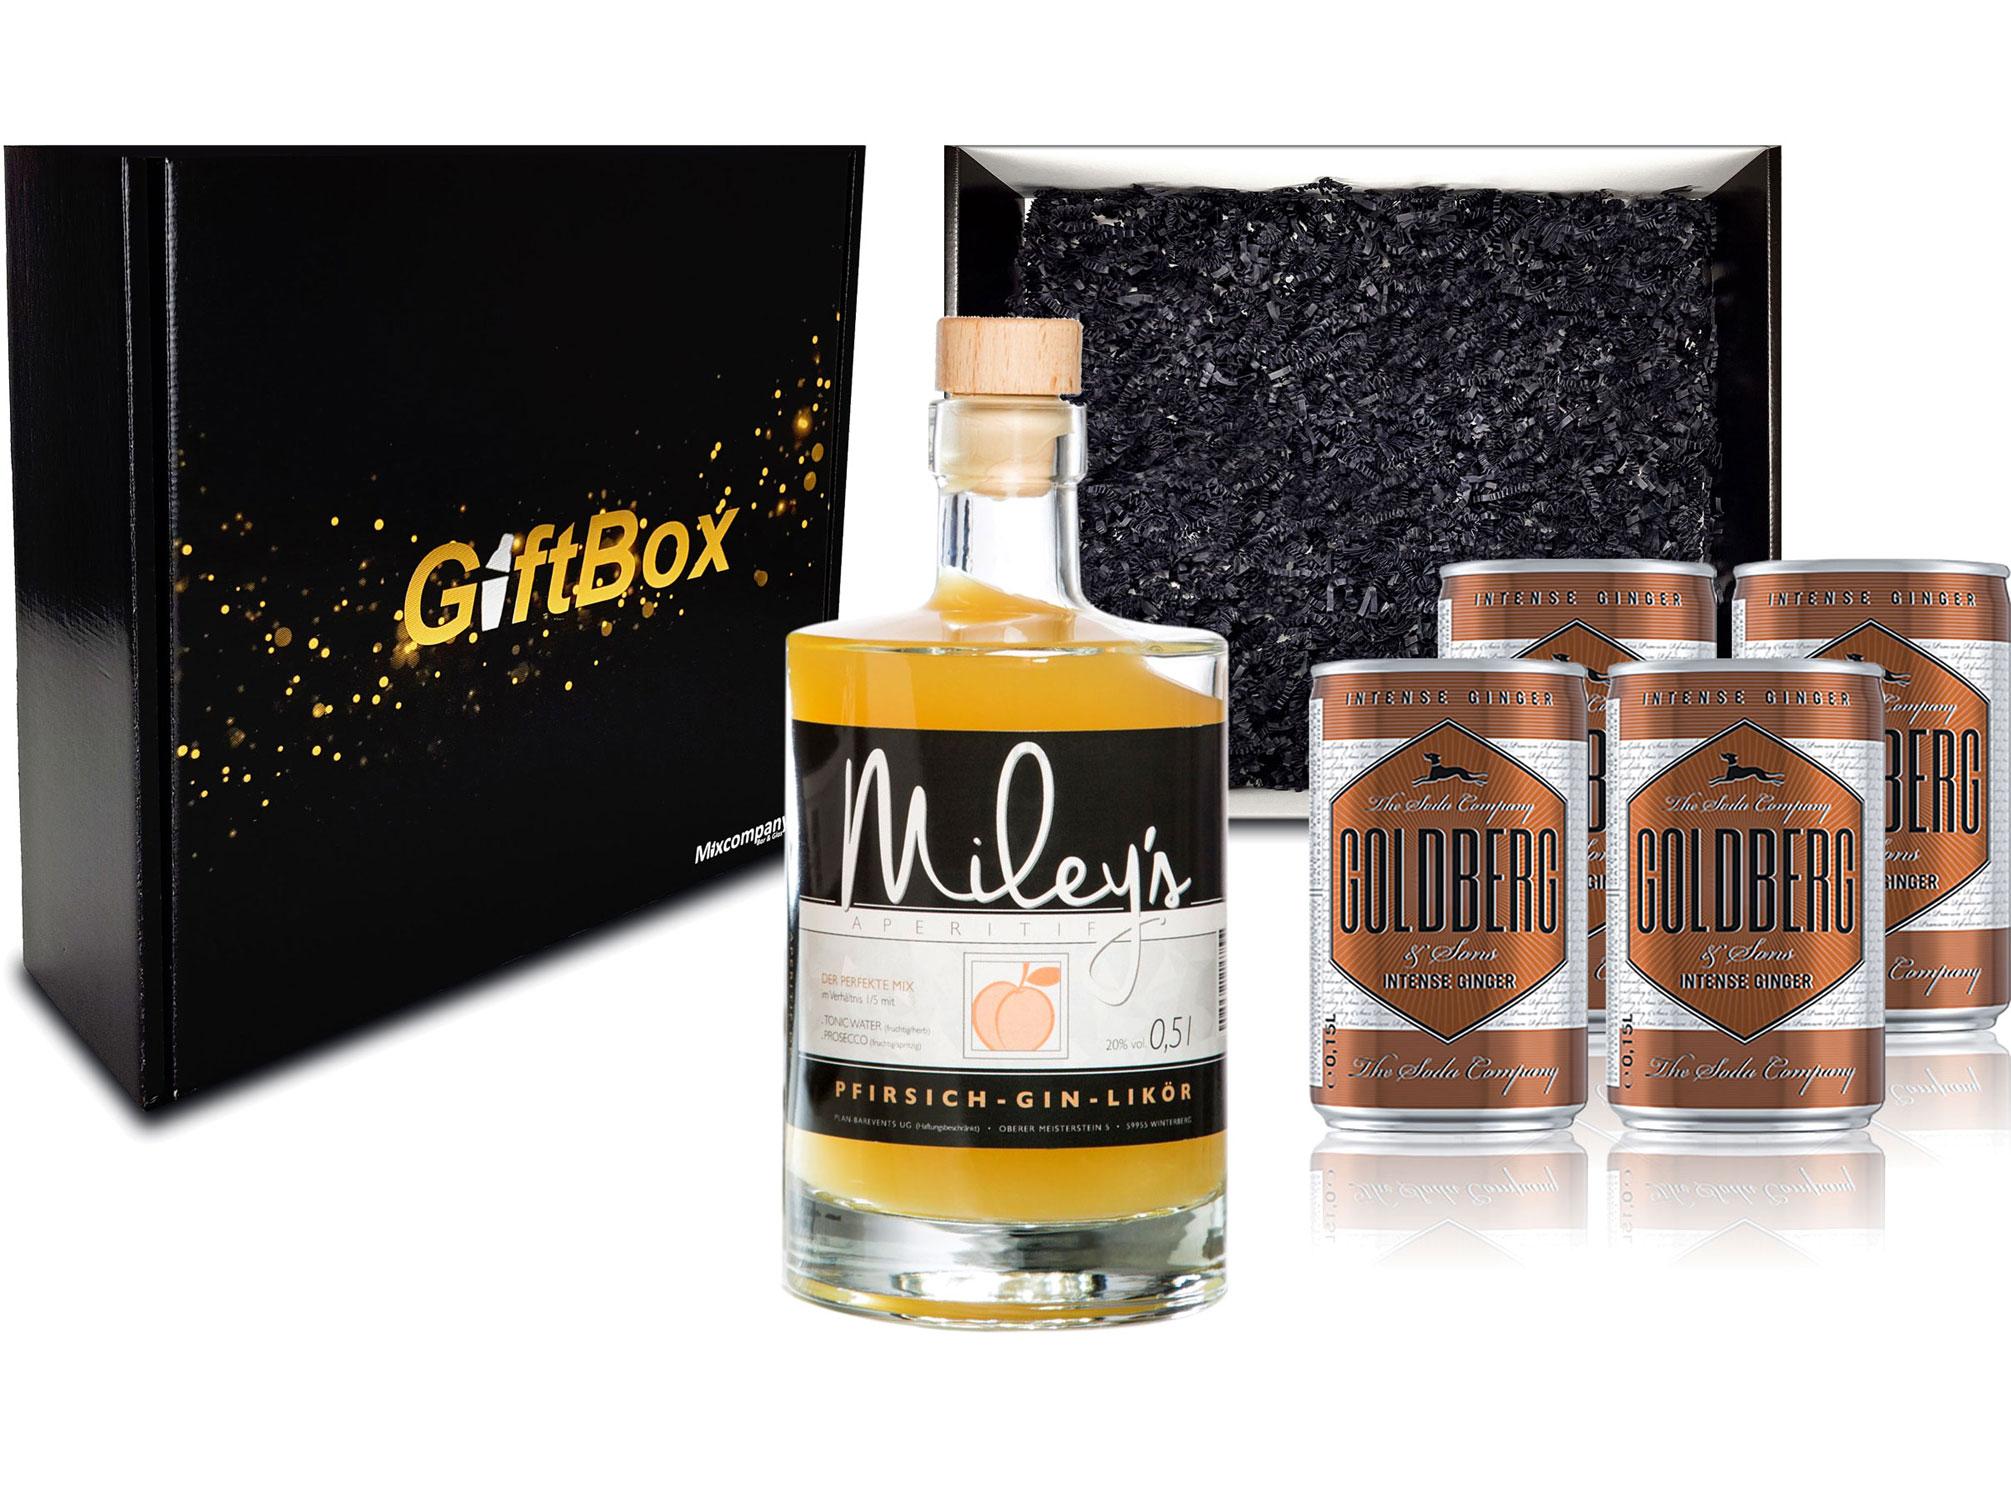 Gin Tonic Giftbox Geschenkset - Mileys Pfirsich Gin Likör 0,5l (20% Vol) + 4x Goldberg Intense Ginger 150ml inkl. Pfand EINWEG - [Enthält Sulfite]